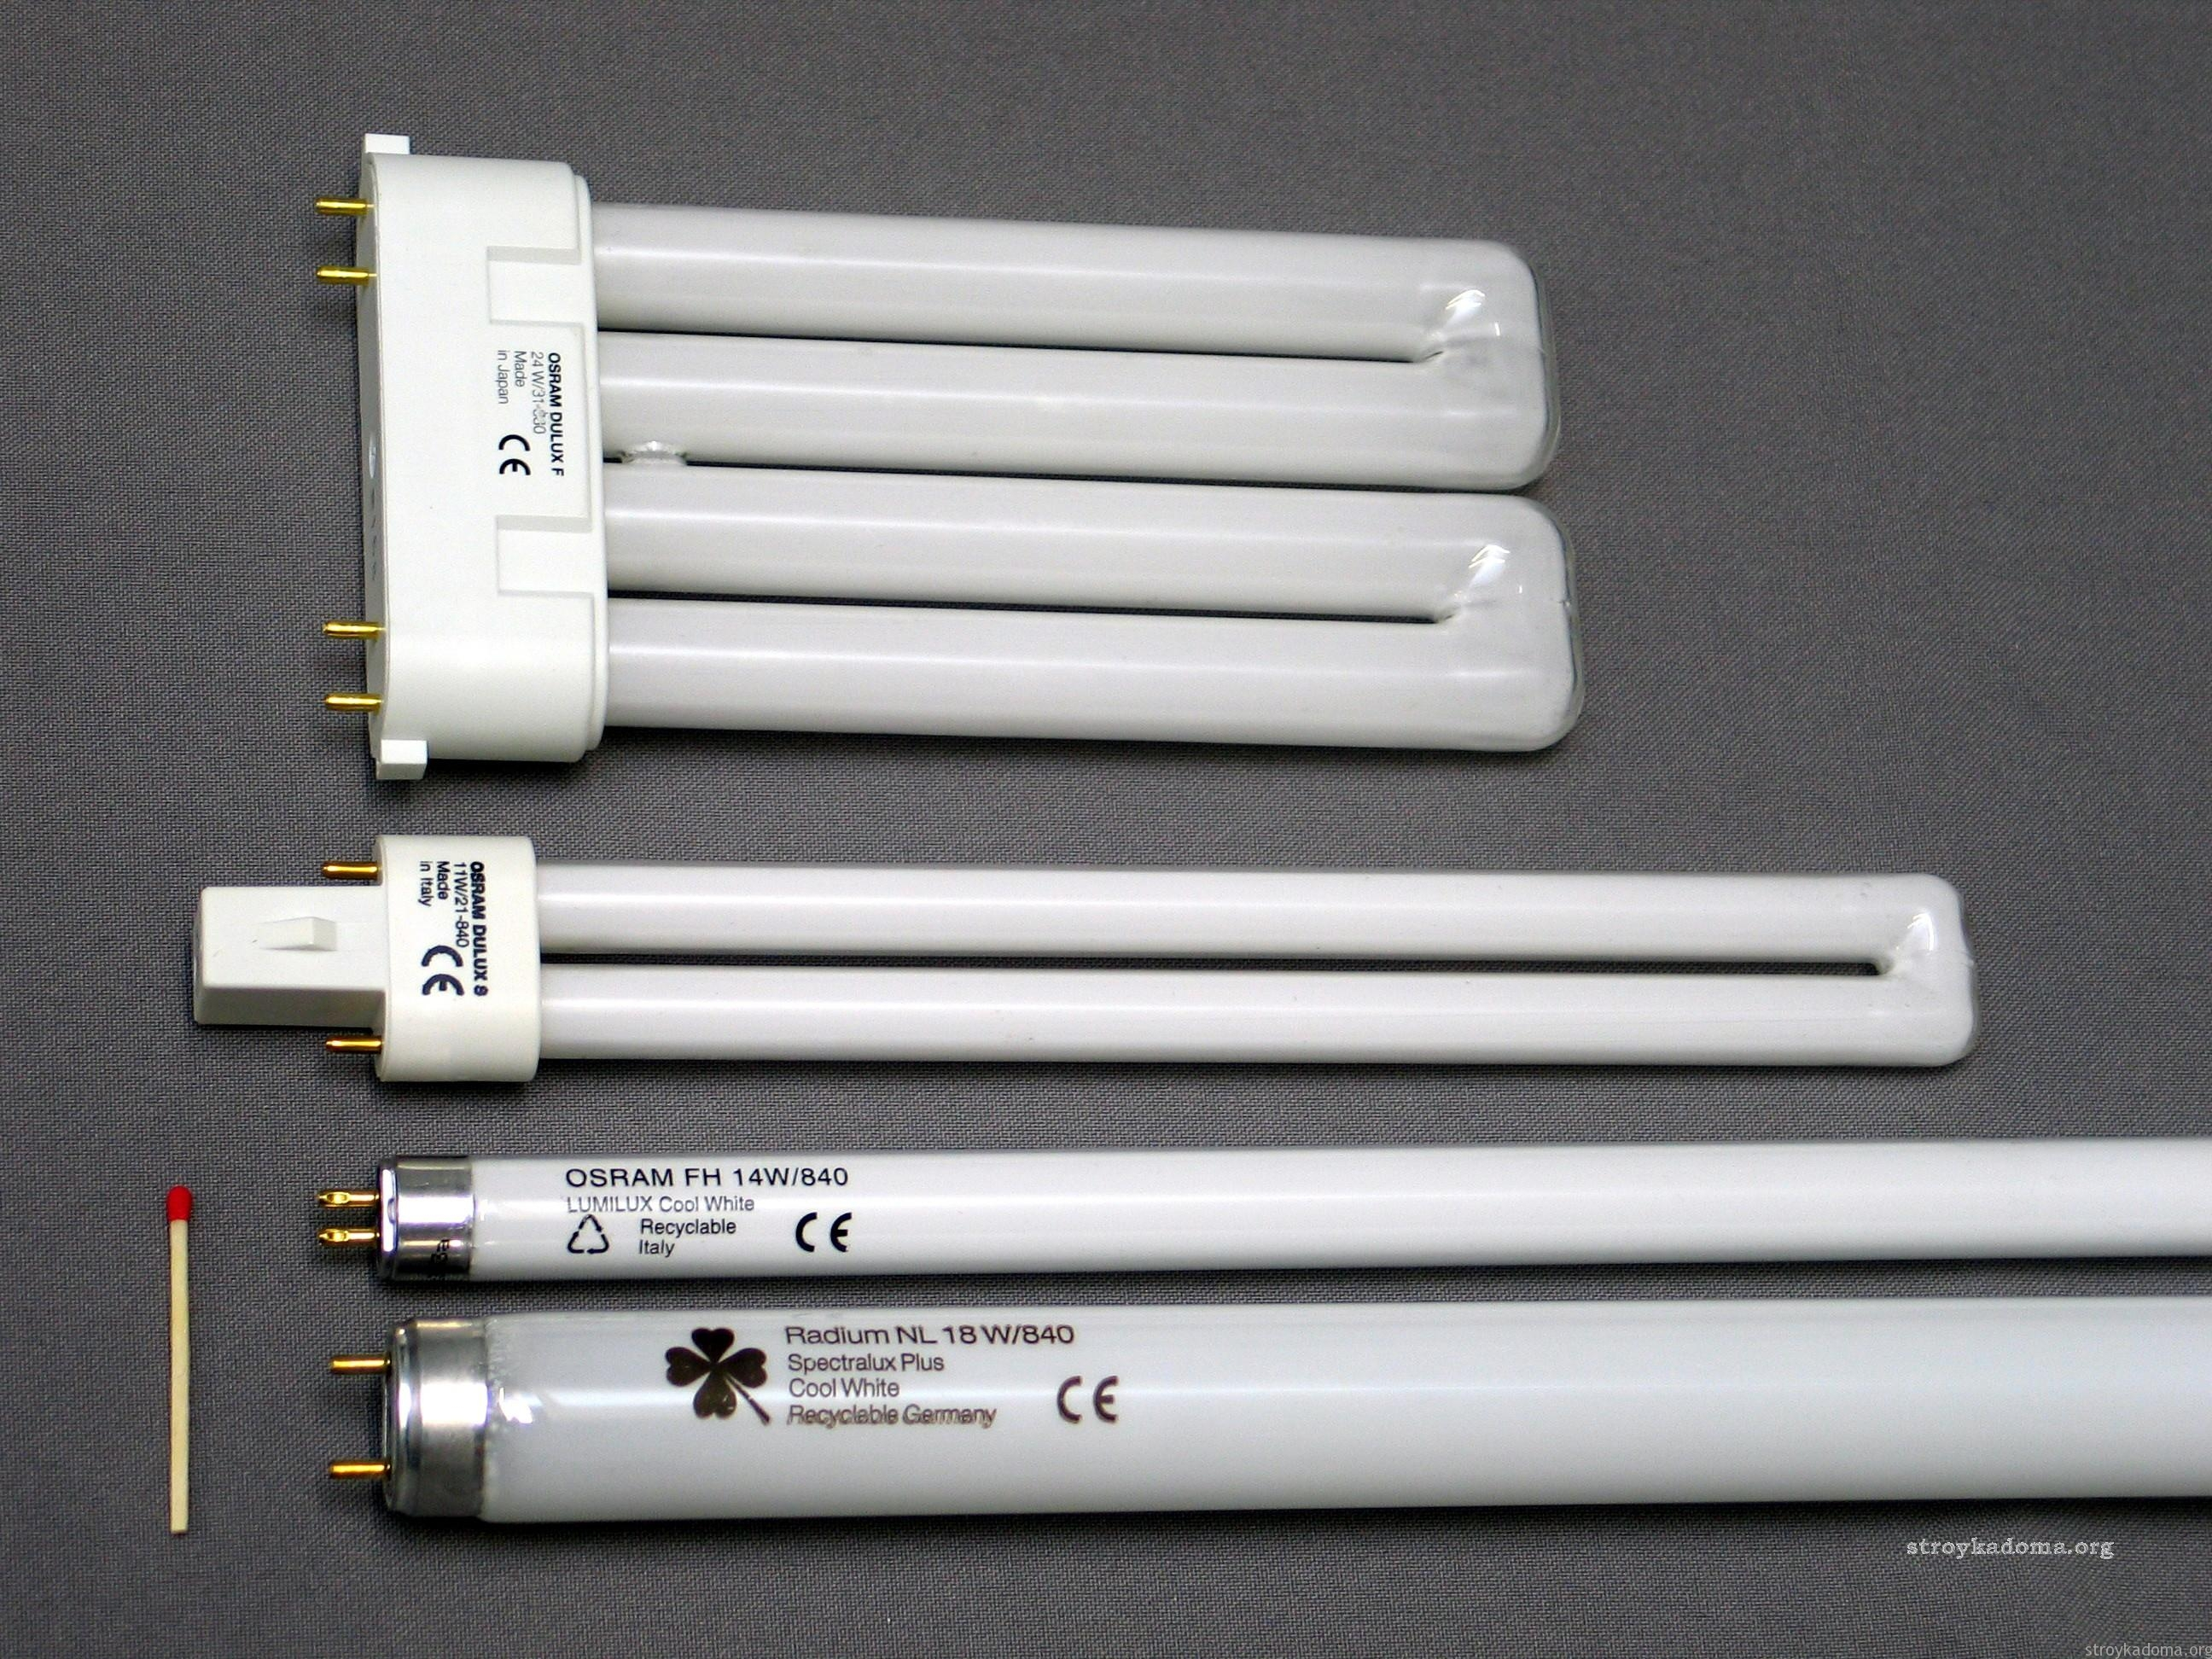 Как подключить лампу дневного света